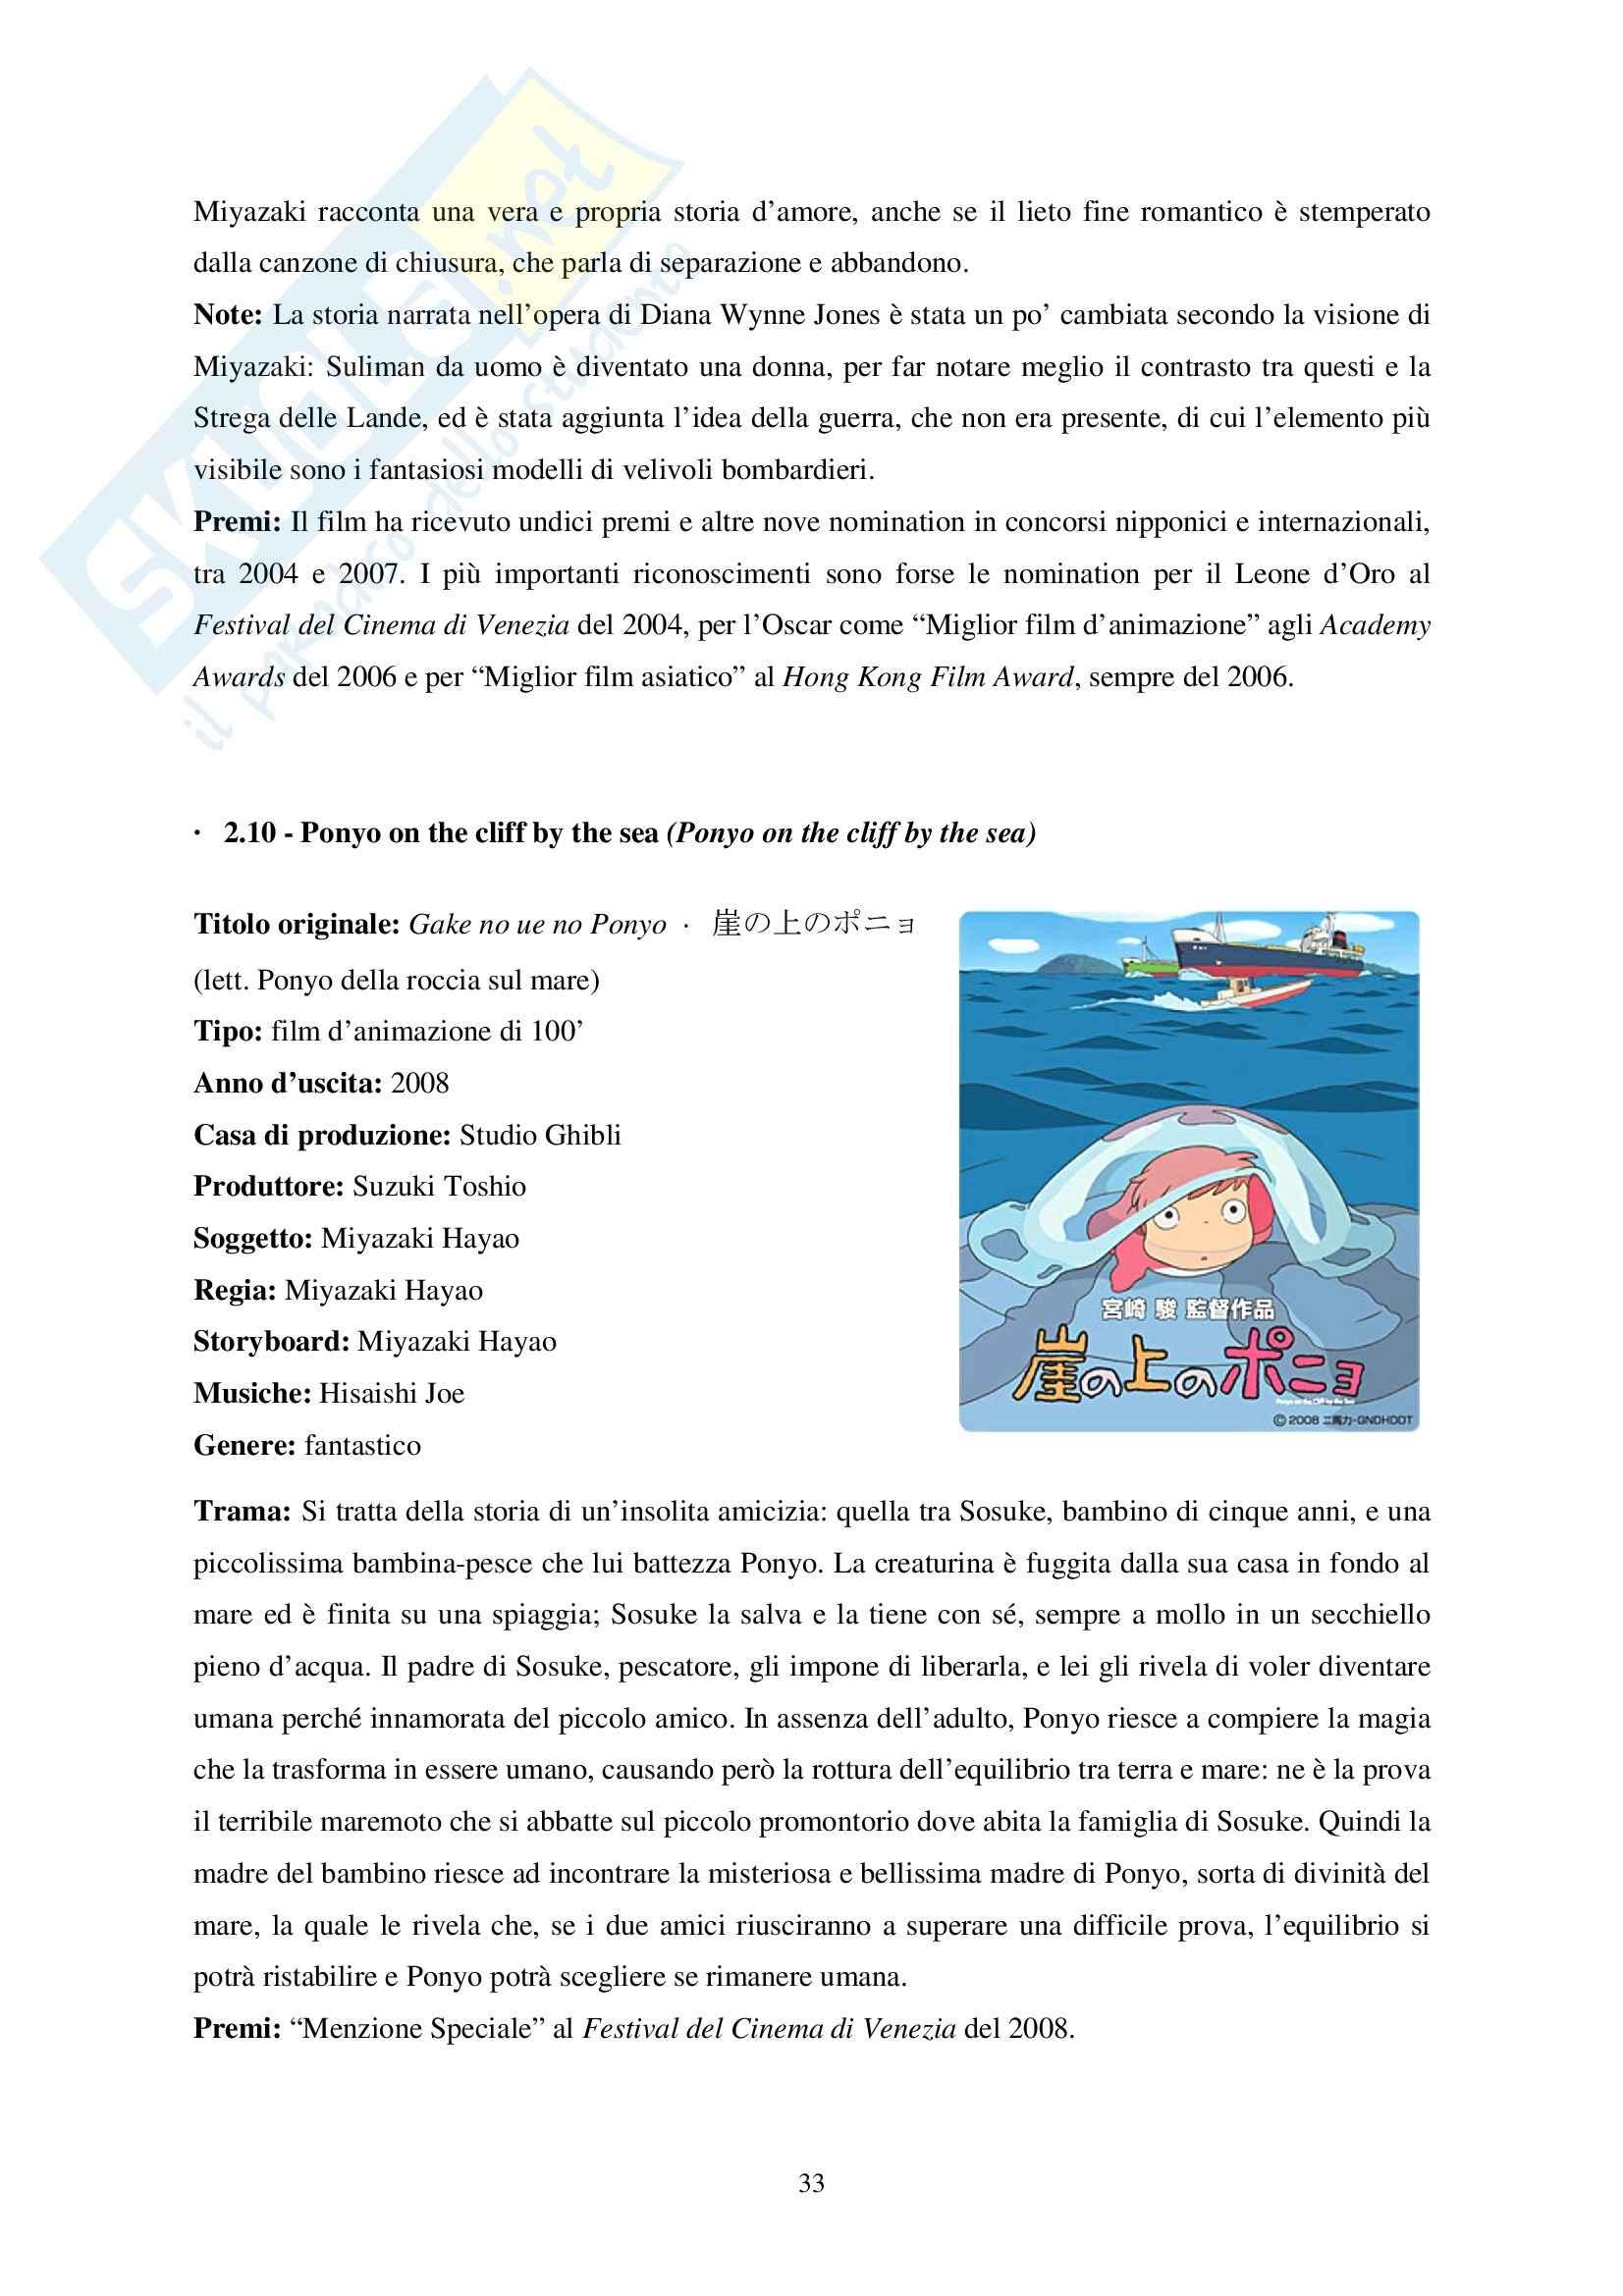 Tesi - La città incantata di Miyazaki Hayao Pag. 36